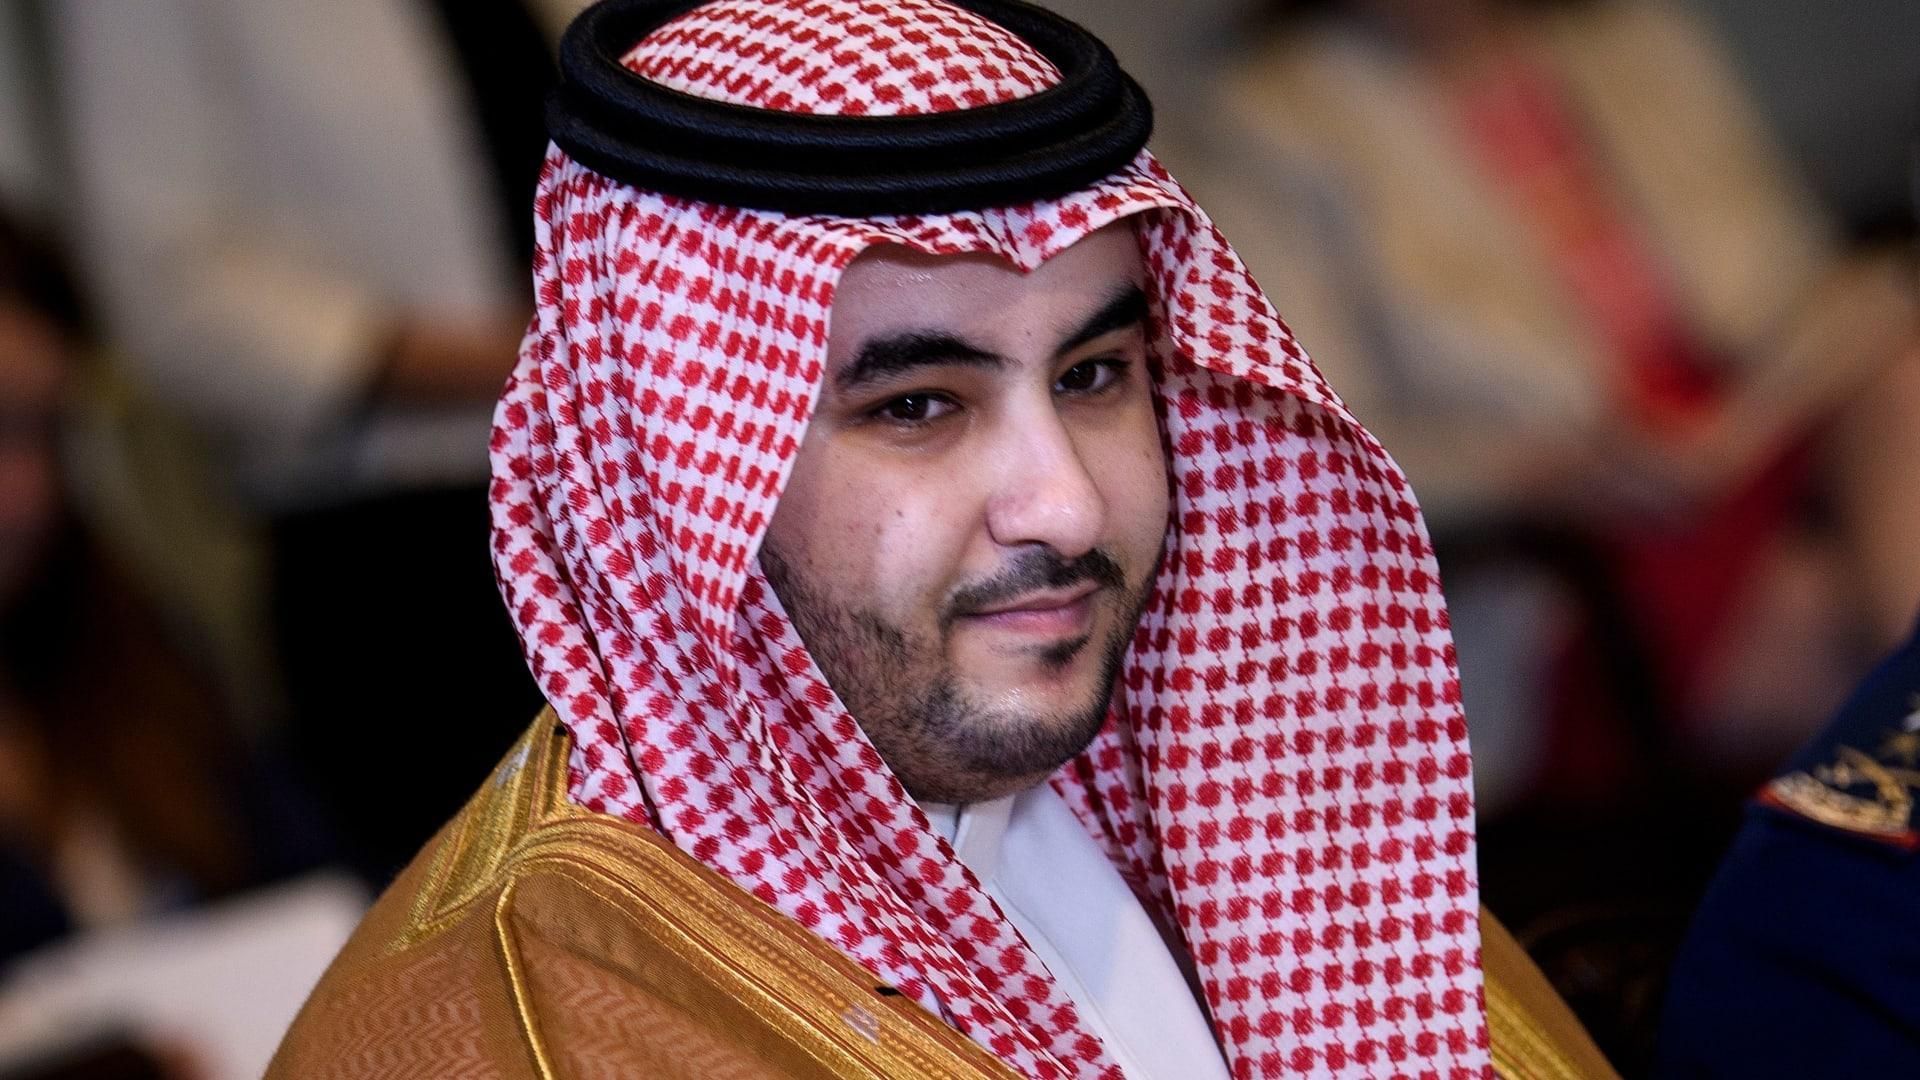 نائب وزير الدفاع السعودي يشكر بريطانيا على إرسالها قوات ومنظومات دفاعية للمملكة